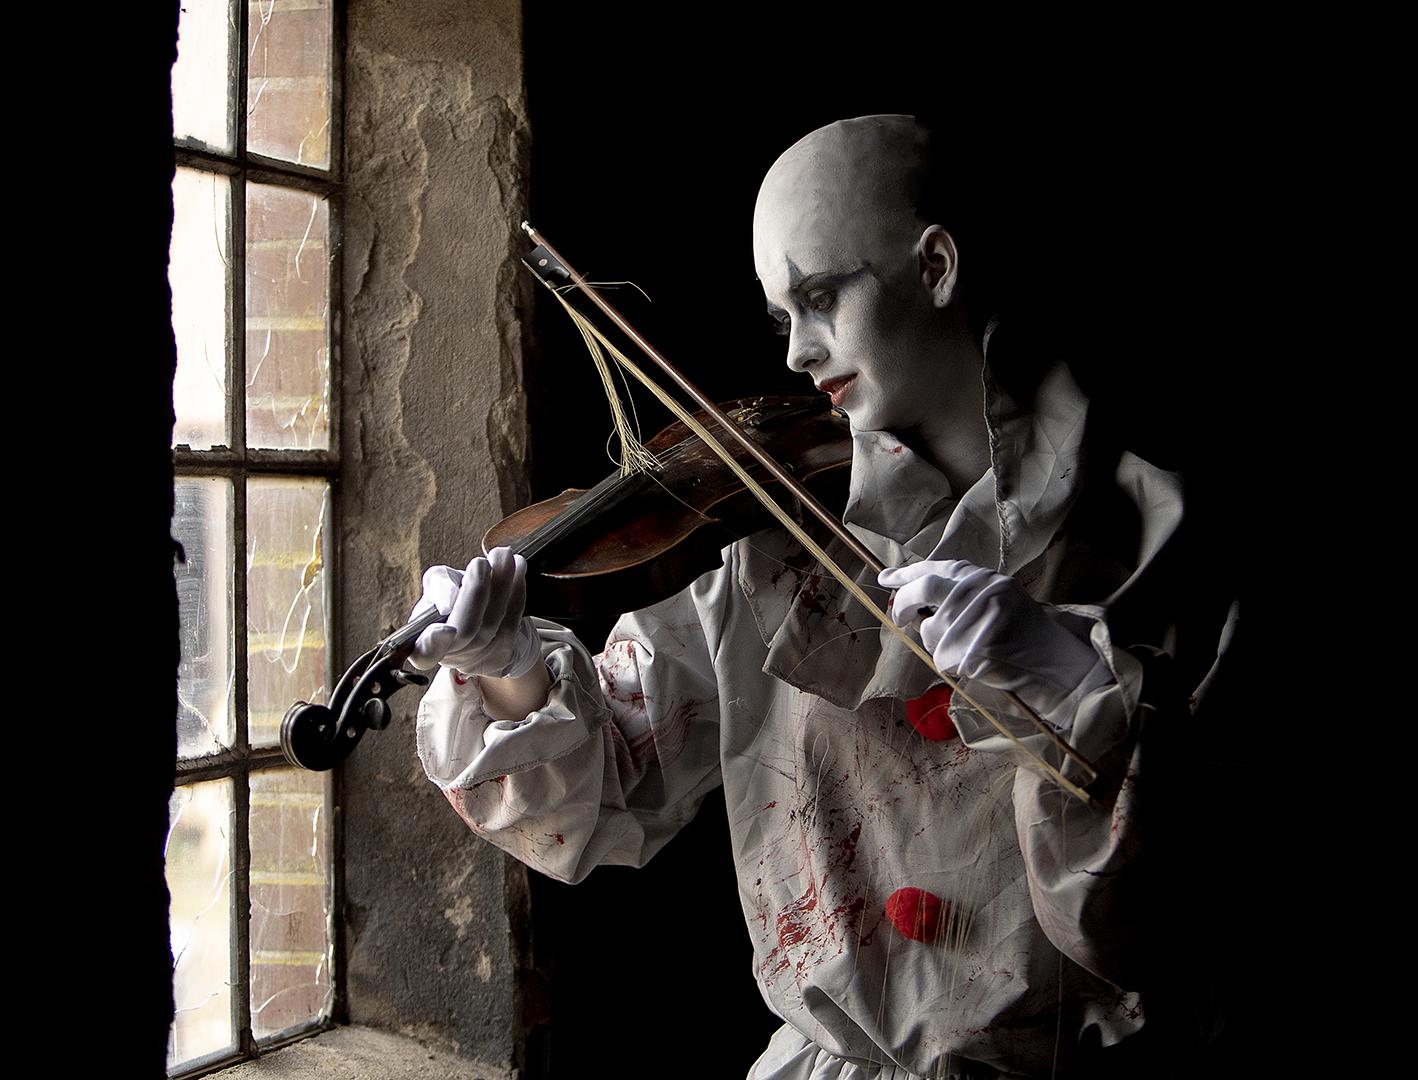 The Clown and the fiddle 1, Jørgen Kristensen